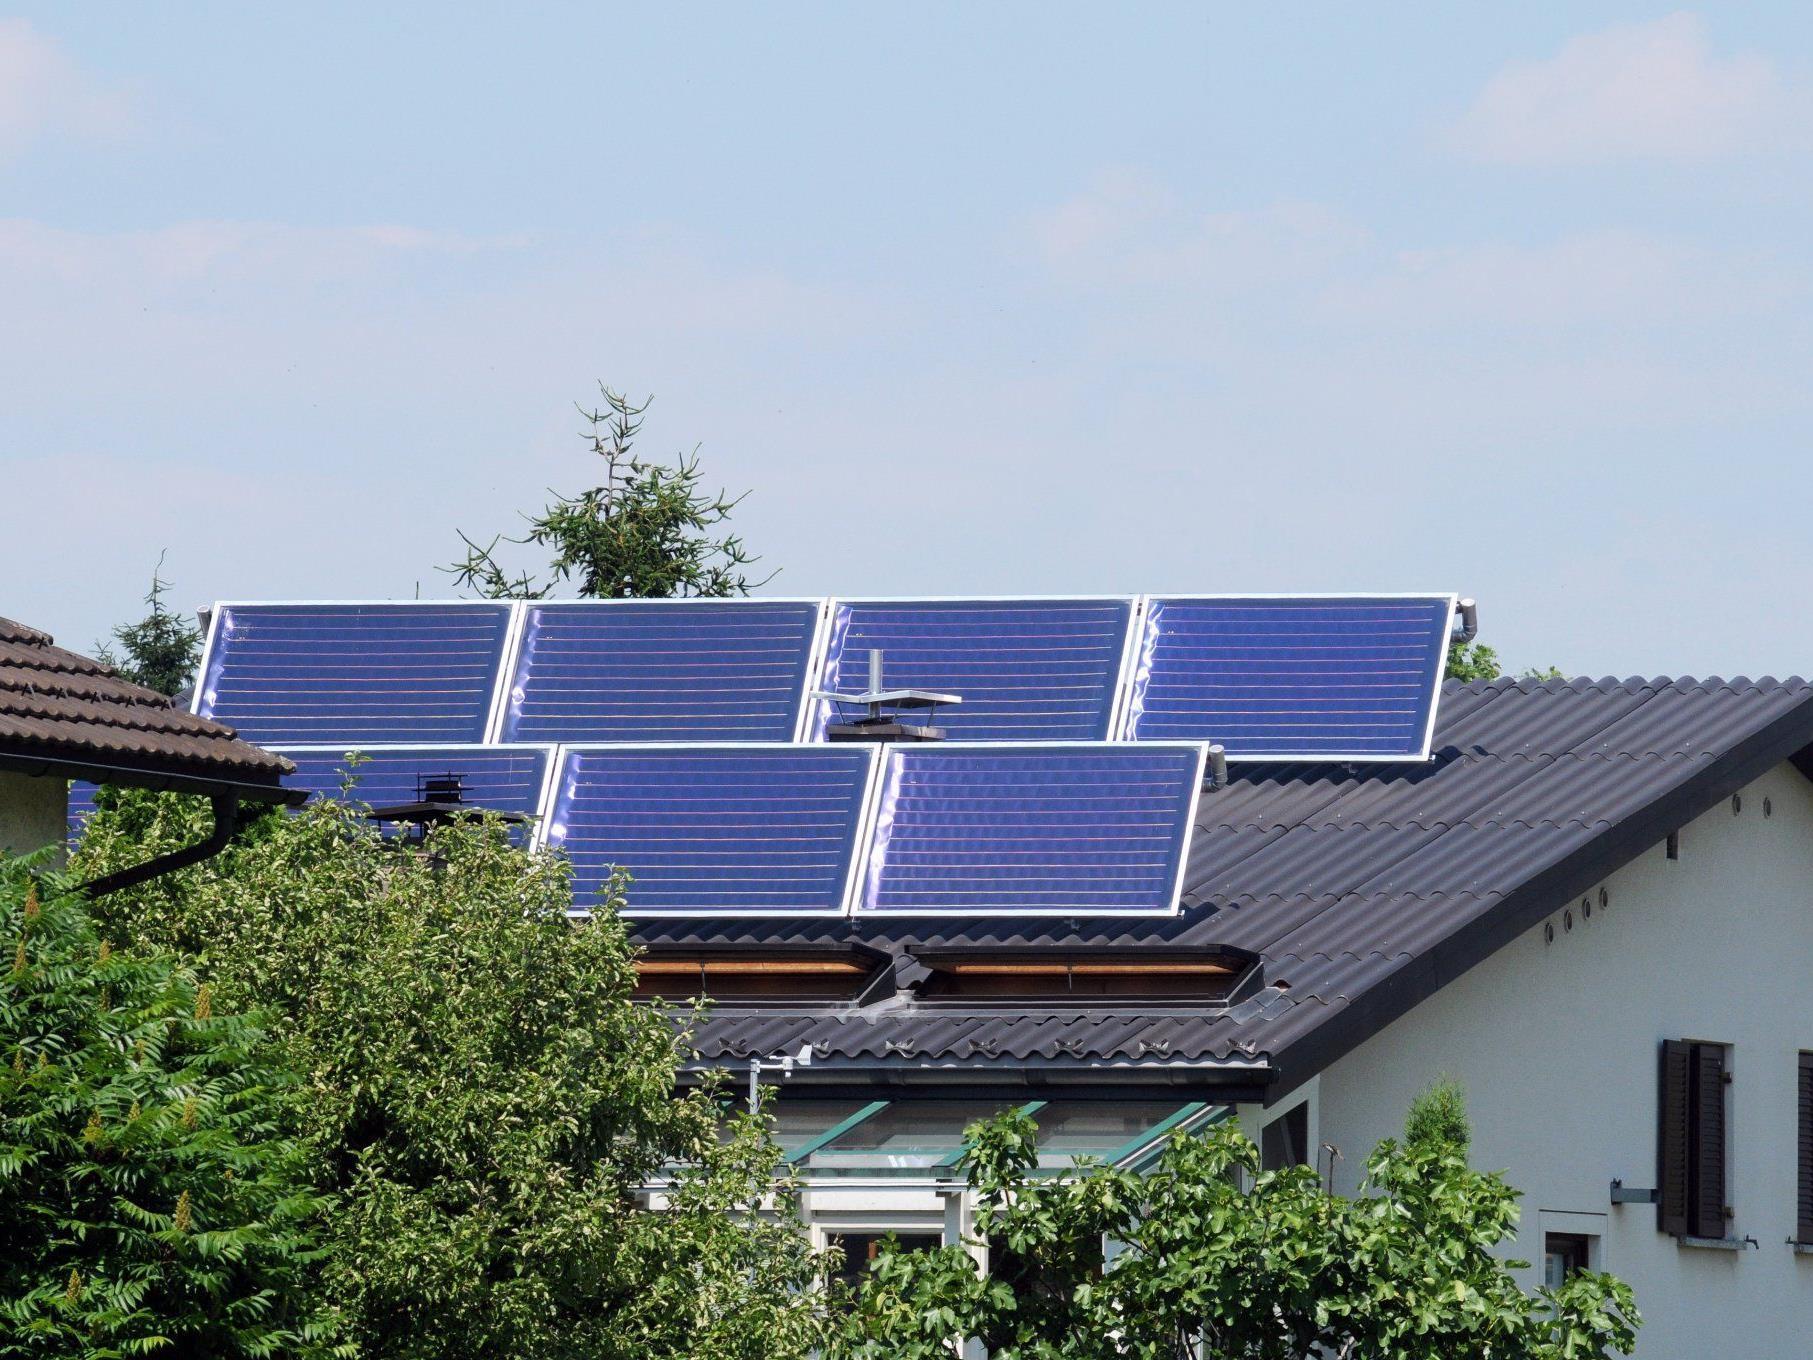 Vor der Installation einer Solaranlage ist zu prüfen, ob der Standort auch ausreichend gut von der Sonne beschienen wird. Das gilt besonders auch für die kältere Jahreszeit.